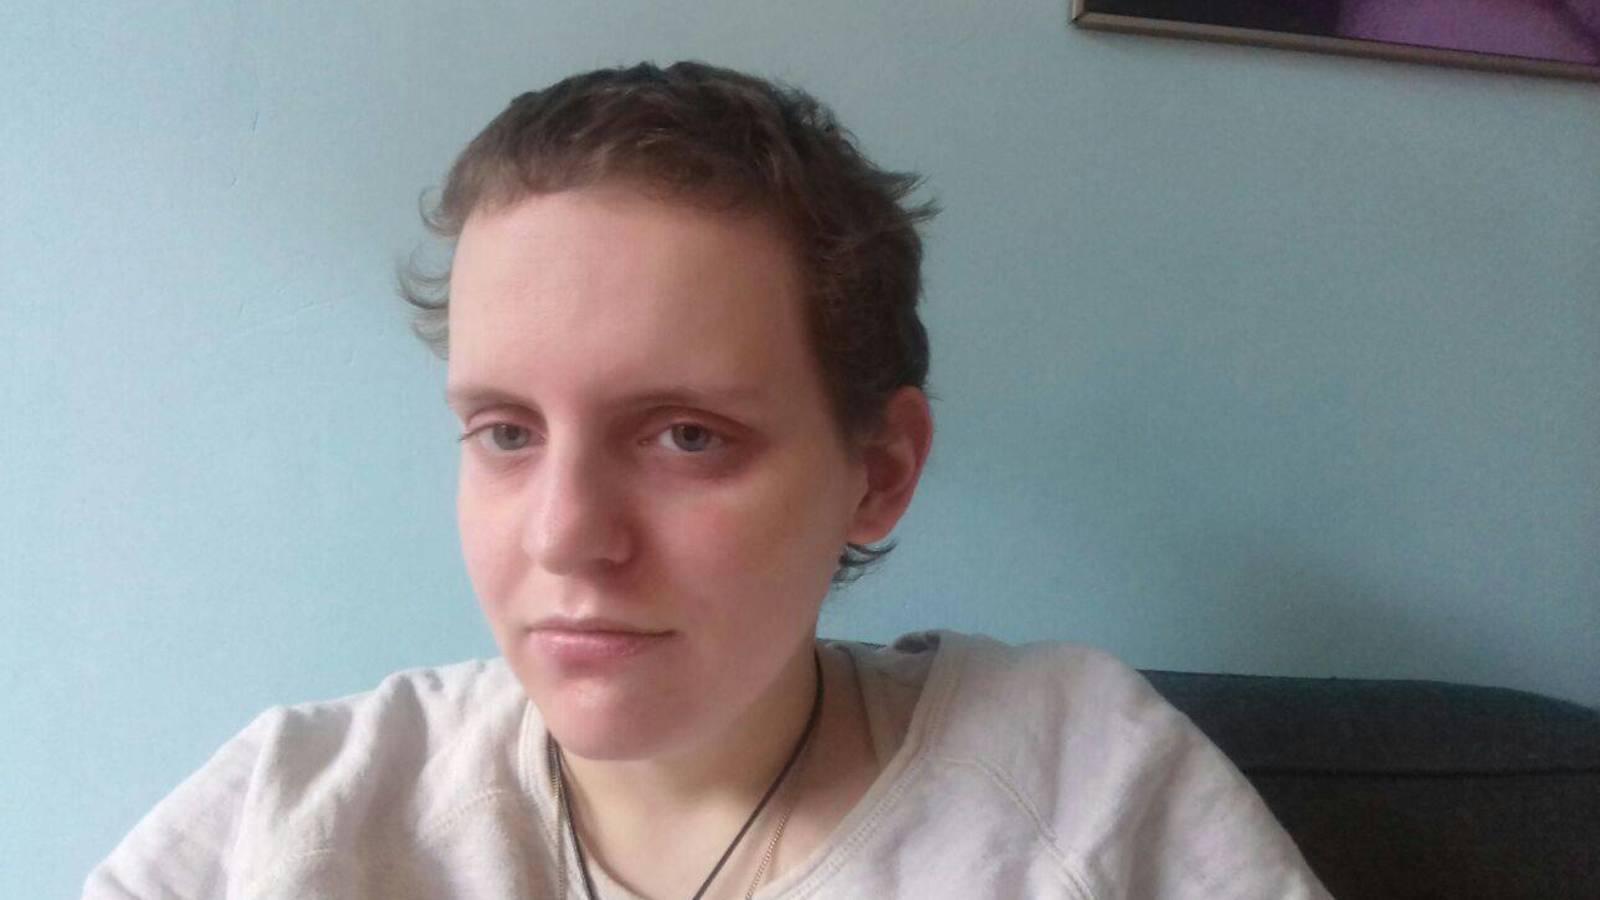 La cruda historia de la joven de 29 años que se someterá a eutanasia hoy, pese a no tener una enfermedad terminal